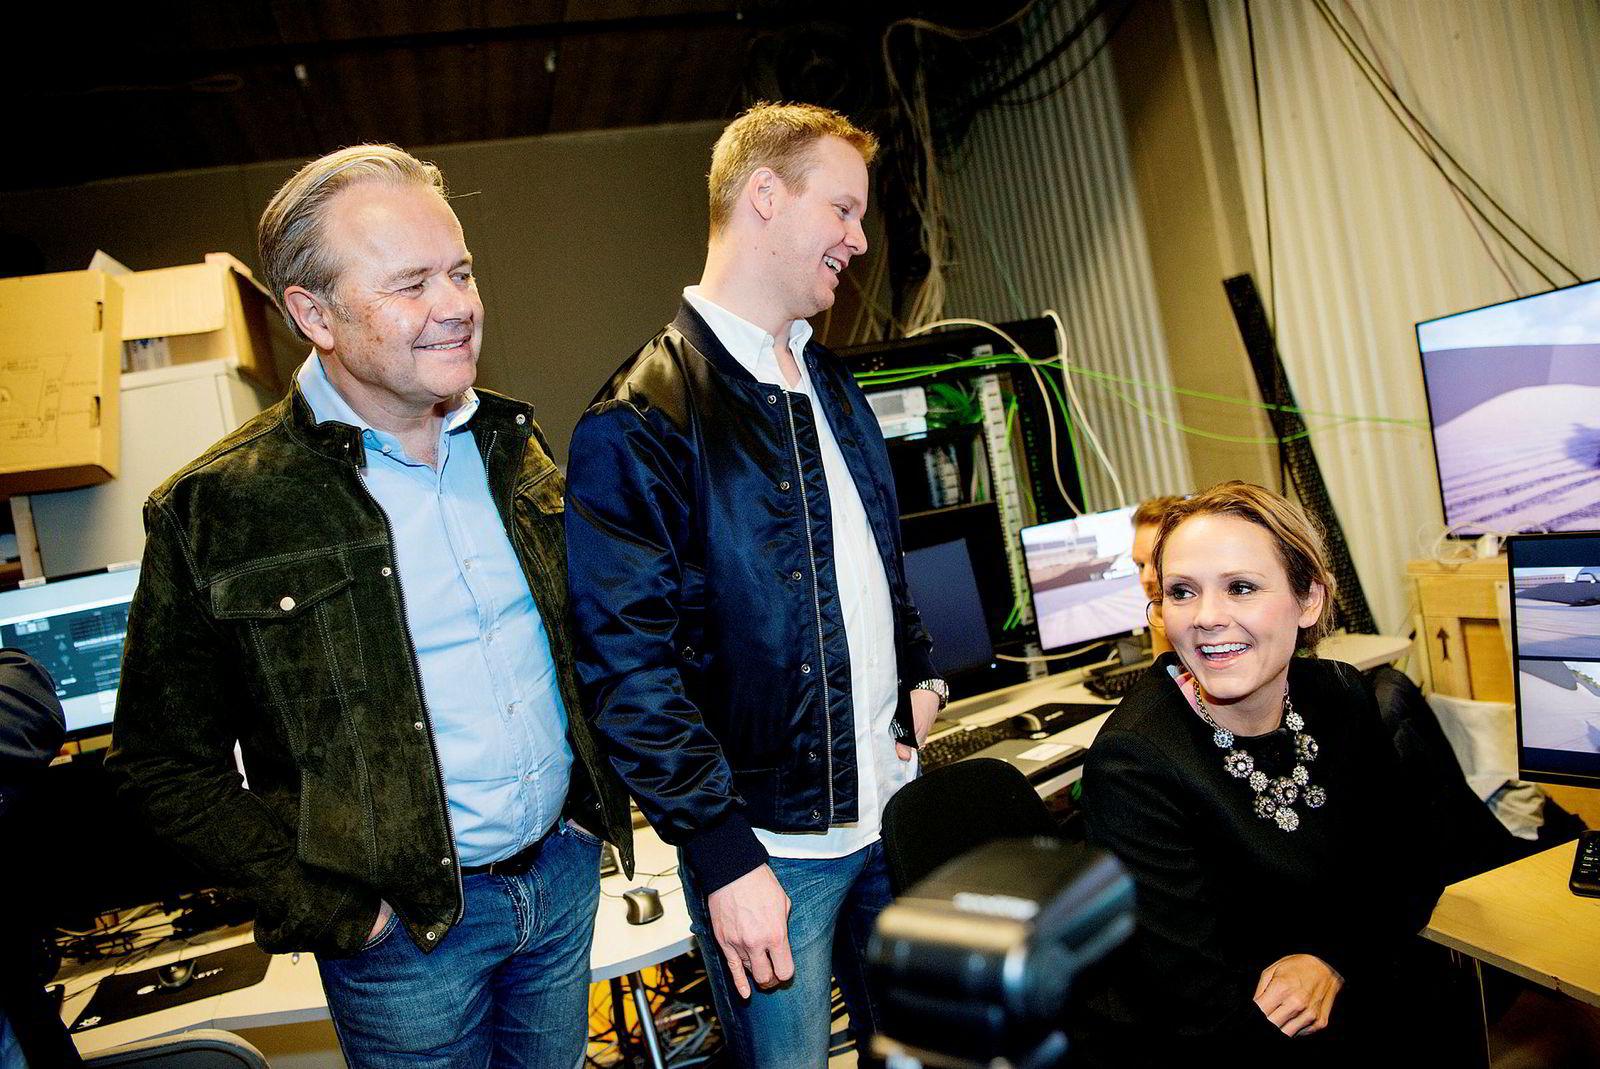 Gründerne Jens Petter Høili og Bård Anders Kasin med tidligere kulturminister Linda Hofstad Helleland under en presentasjon av «Lost in Time» i 2016.